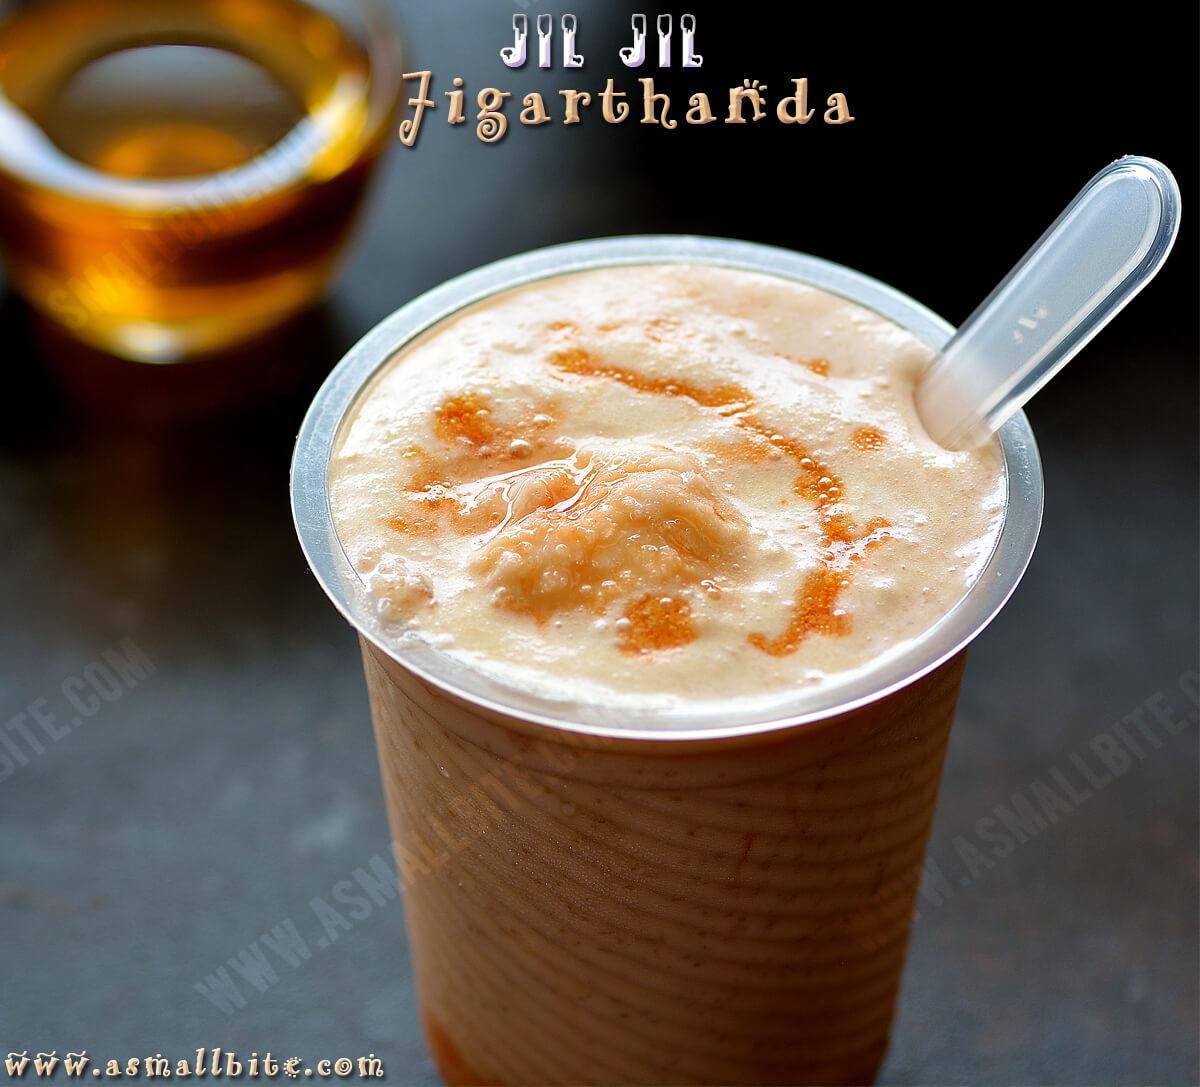 Madurai Special Jil Jil Jigarthanda Recipe